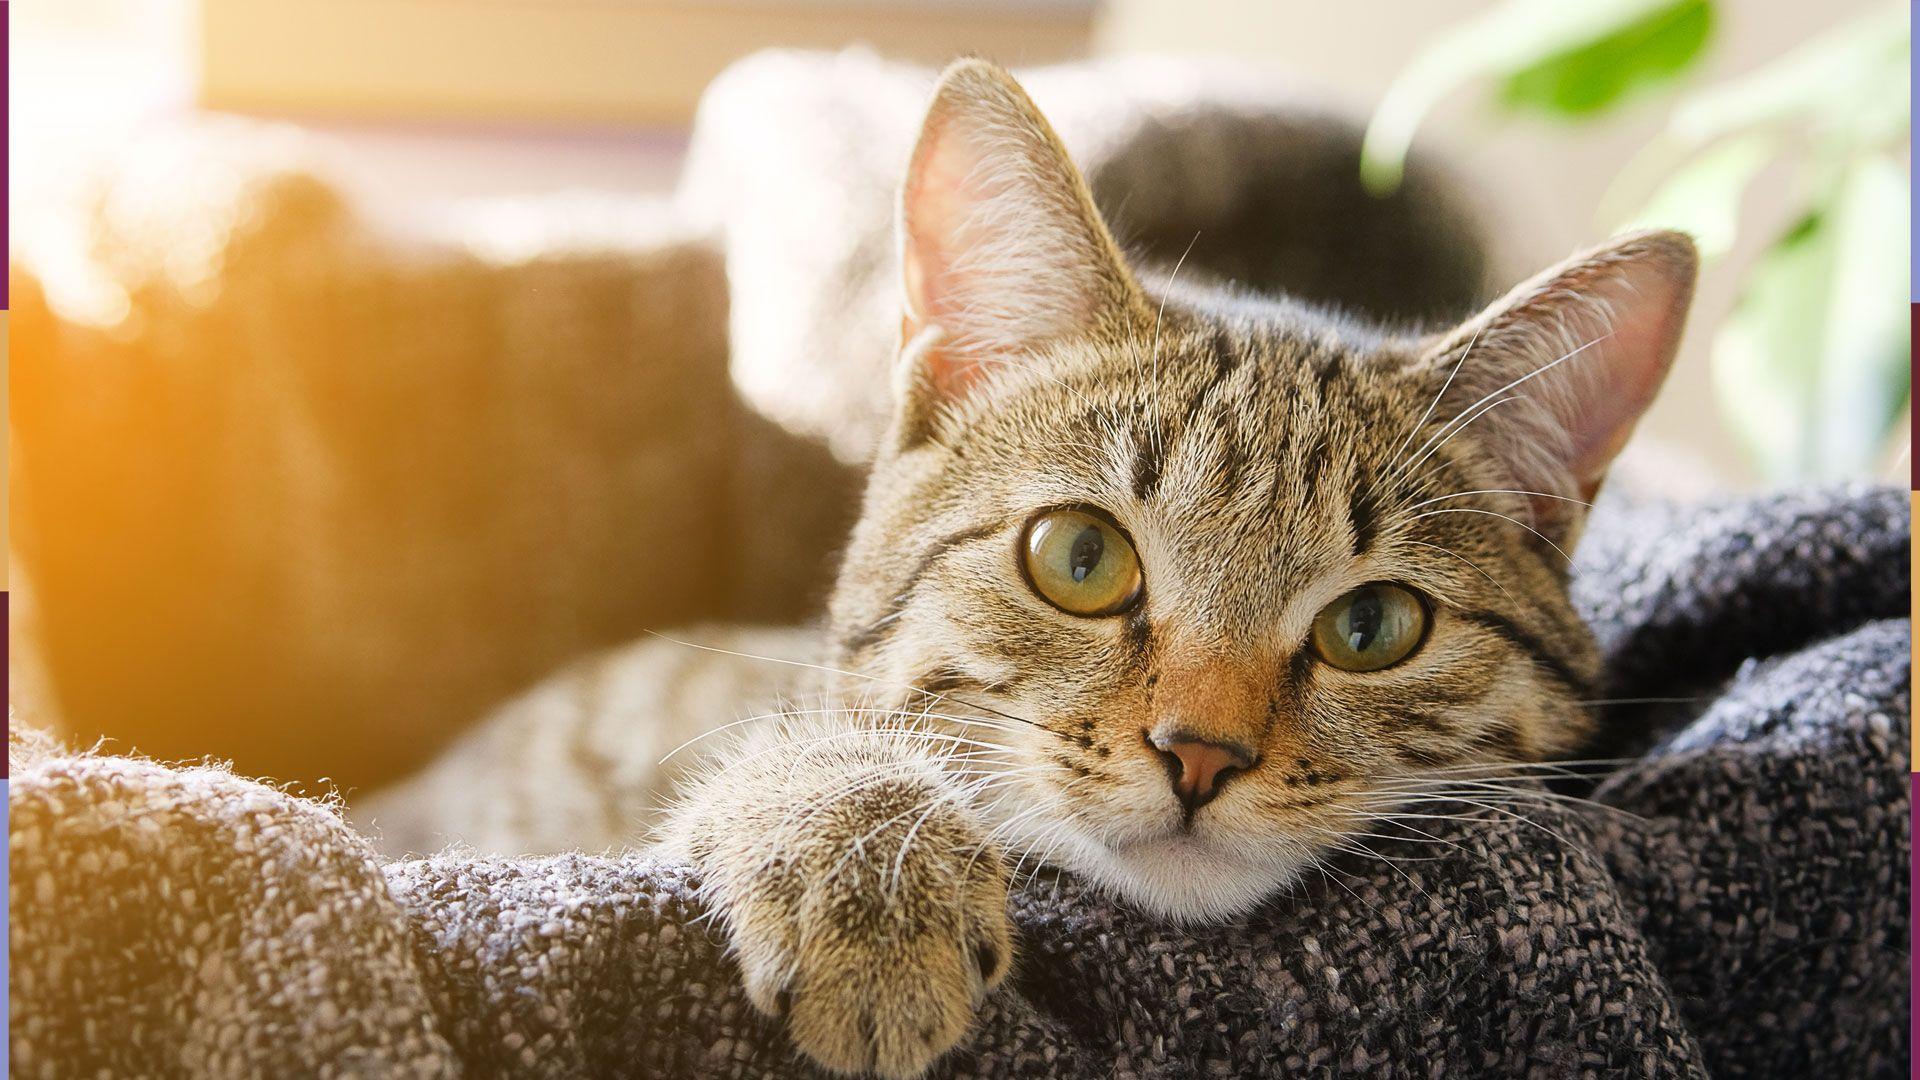 Wenn ihr DIESE 6 Fehler vermeidet, bleibt eure Katze lange gesund!